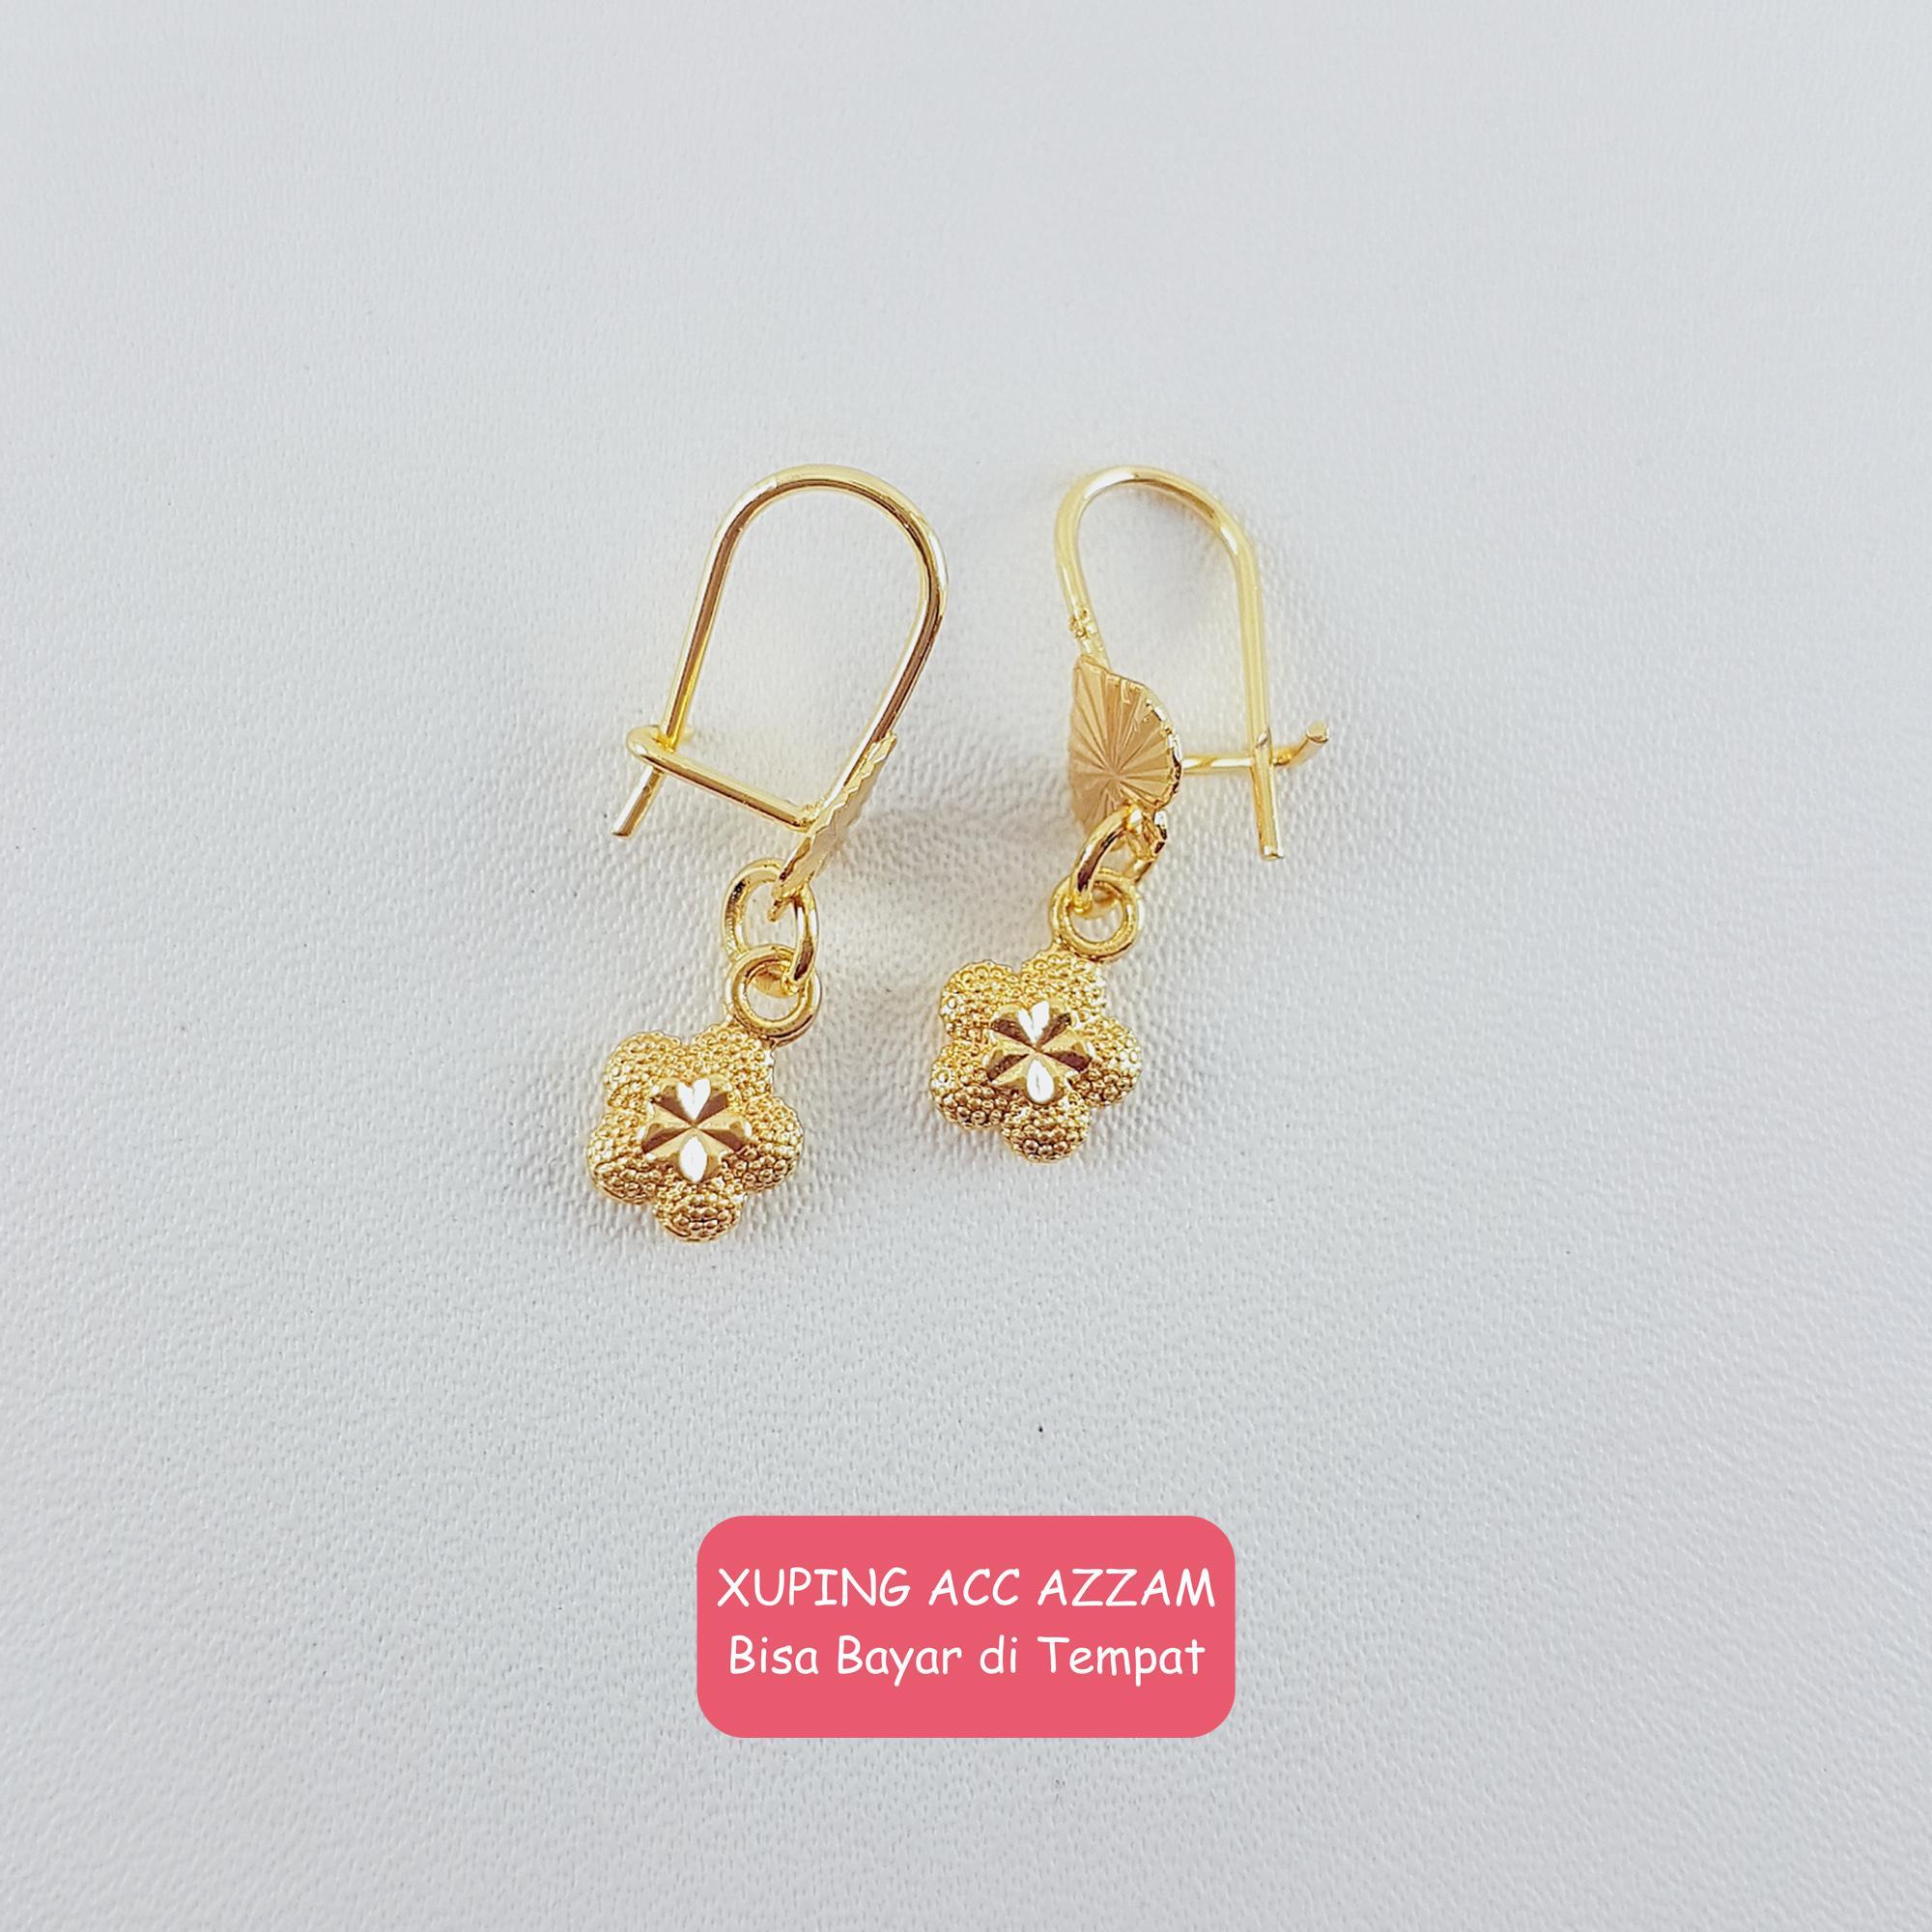 azzam xuping anting kait emas karakter anak lucu